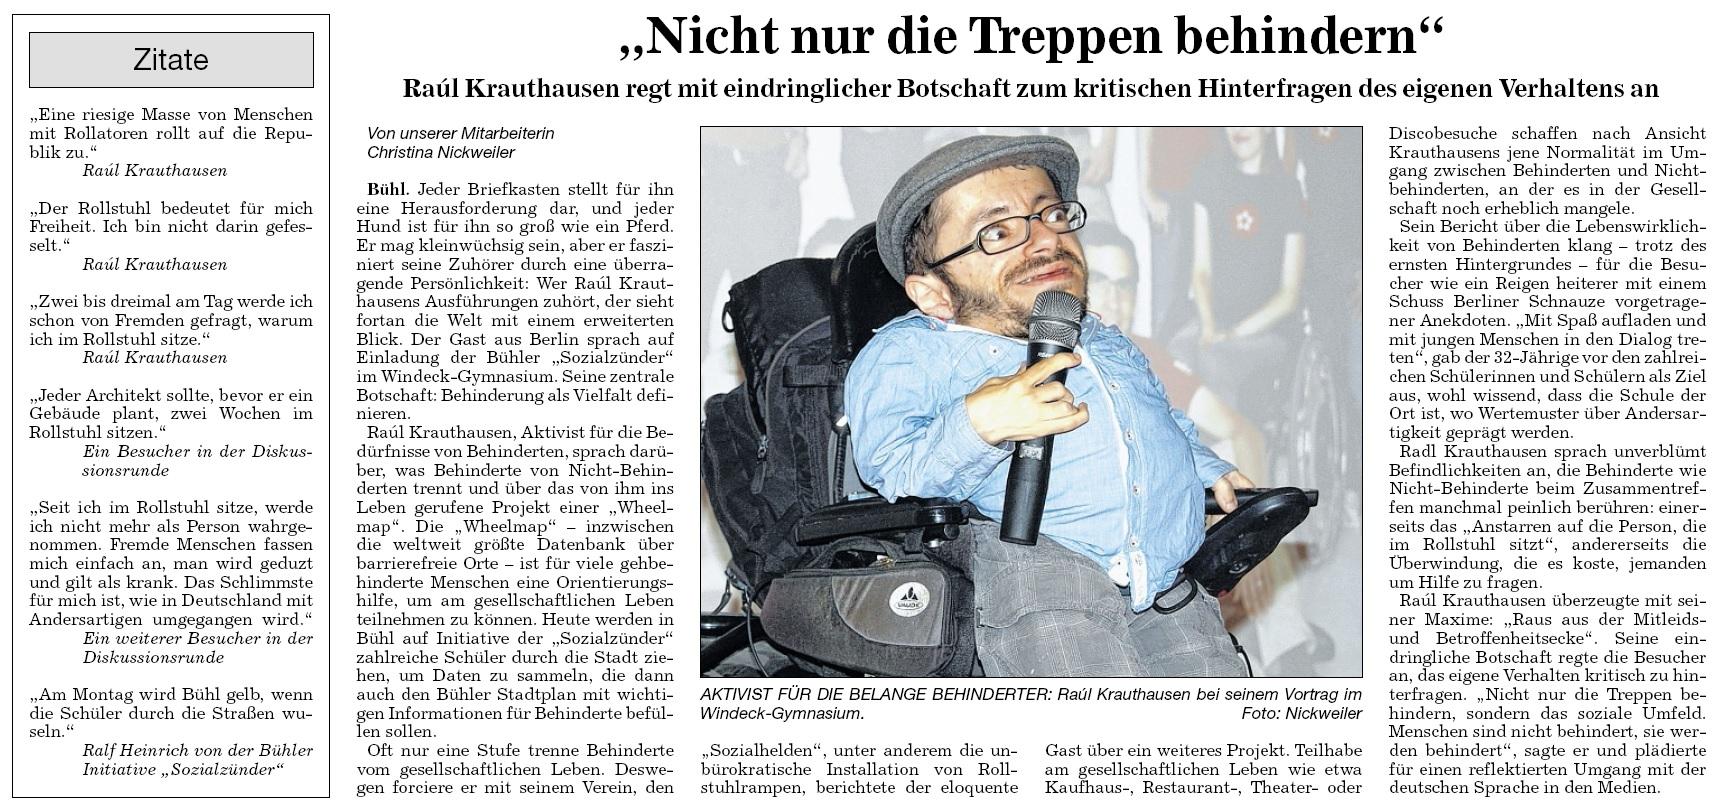 """BNN, 14.07.2014: """"Nicht nur die Treppen behindern"""""""